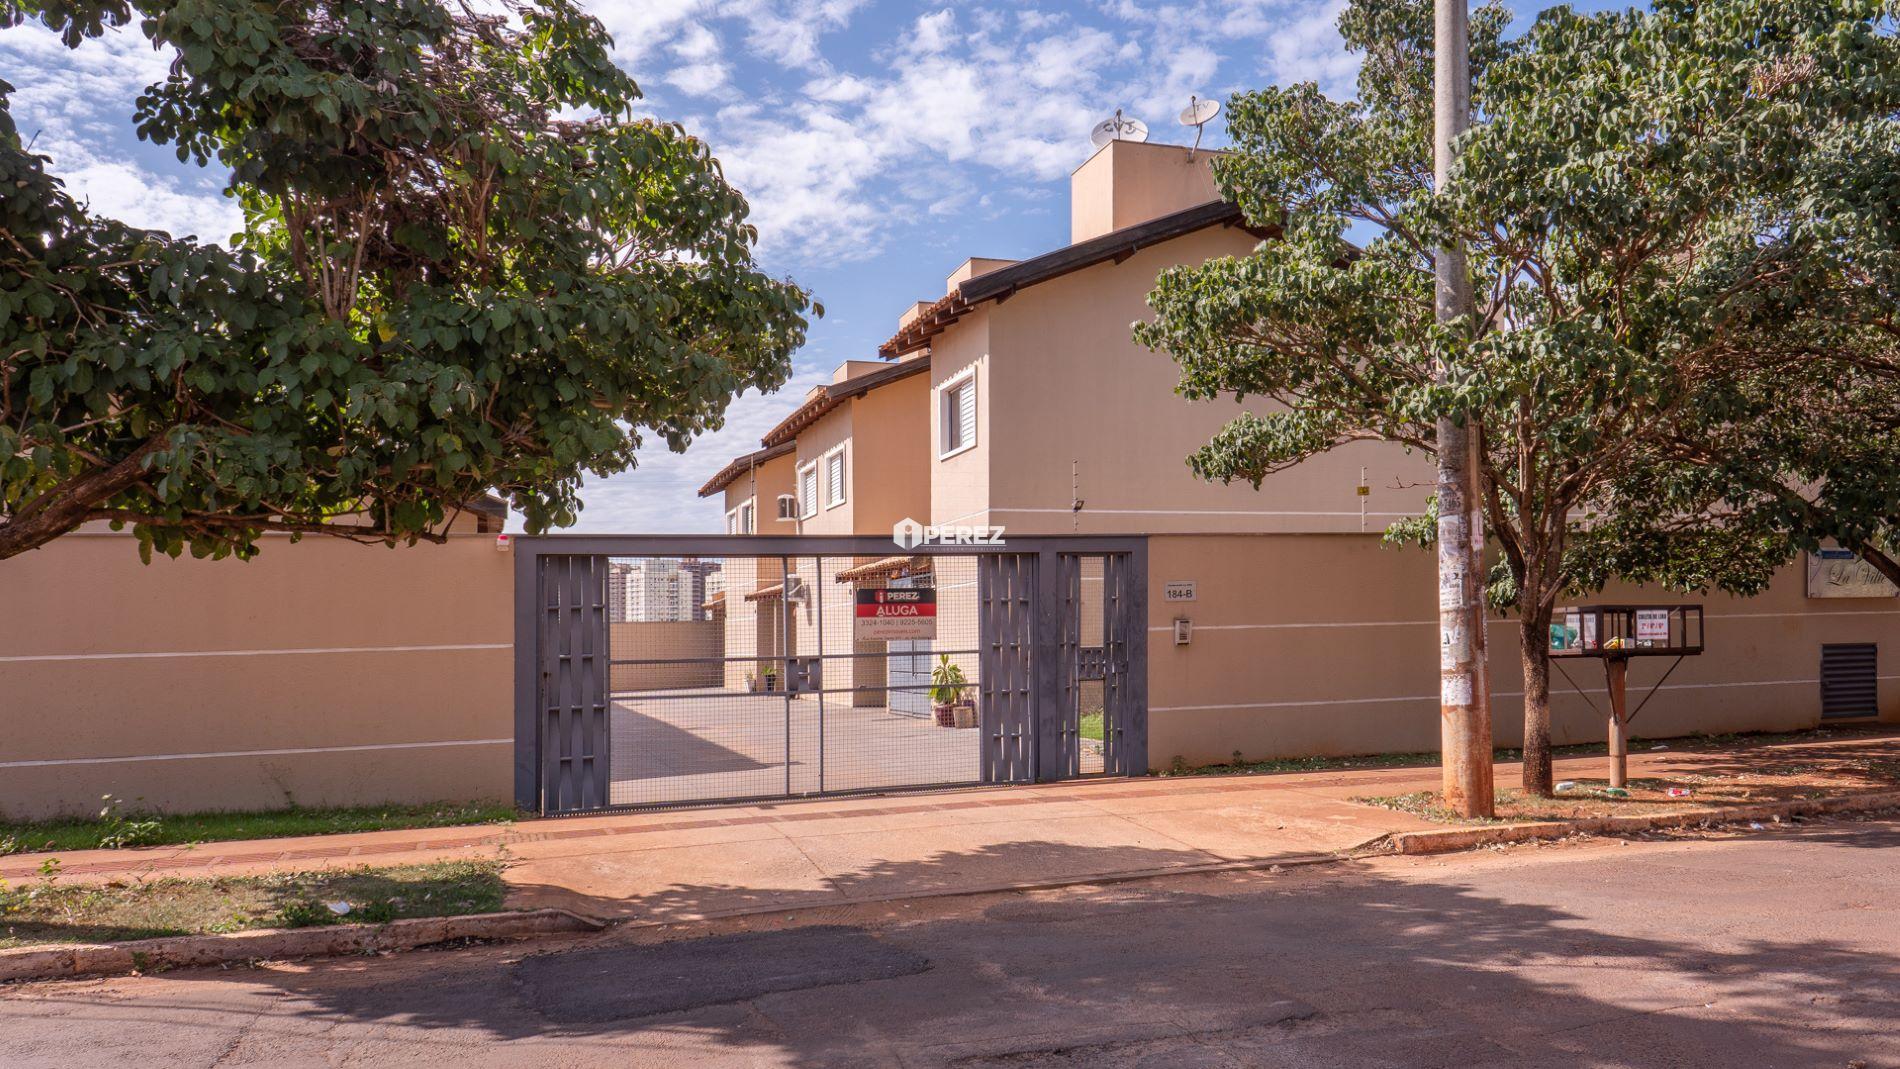 aluguel-campo-grande-ms-sobradocondominio-do-seminario-sao-francisco-perez-imoveis